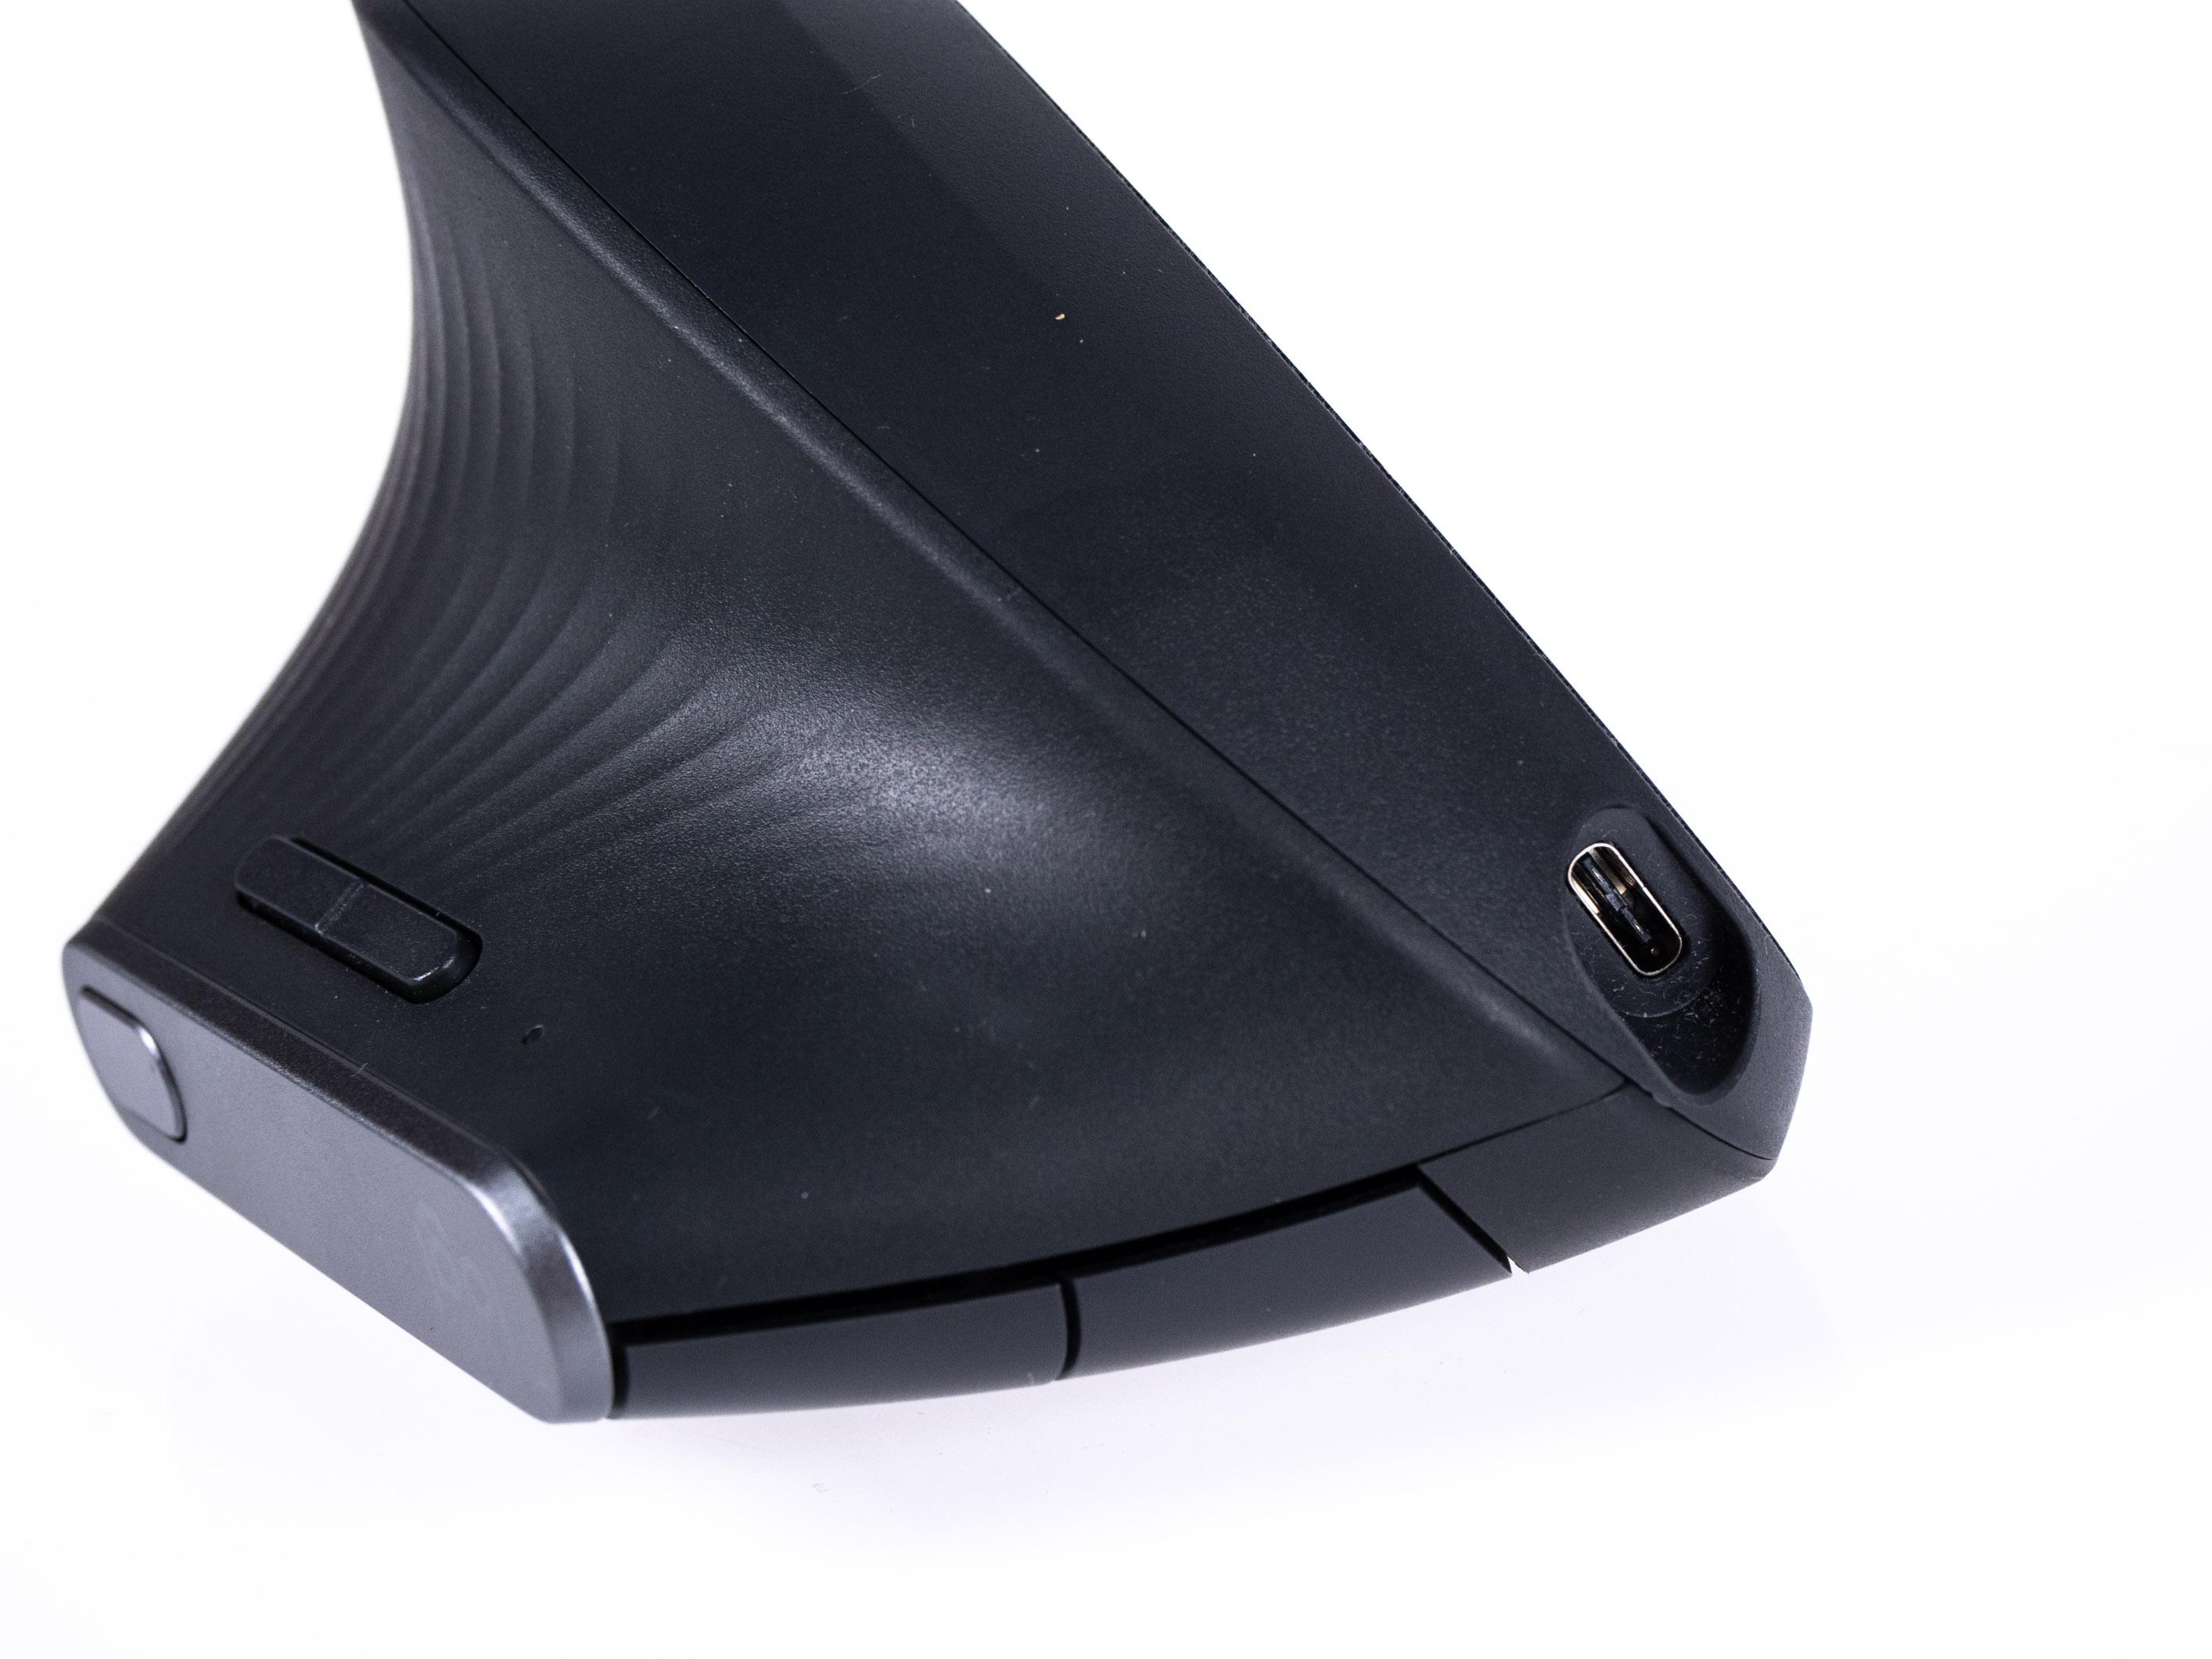 Logitechs MX Vertical im Test: So teuer muss eine gute vertikale Maus nicht sein -